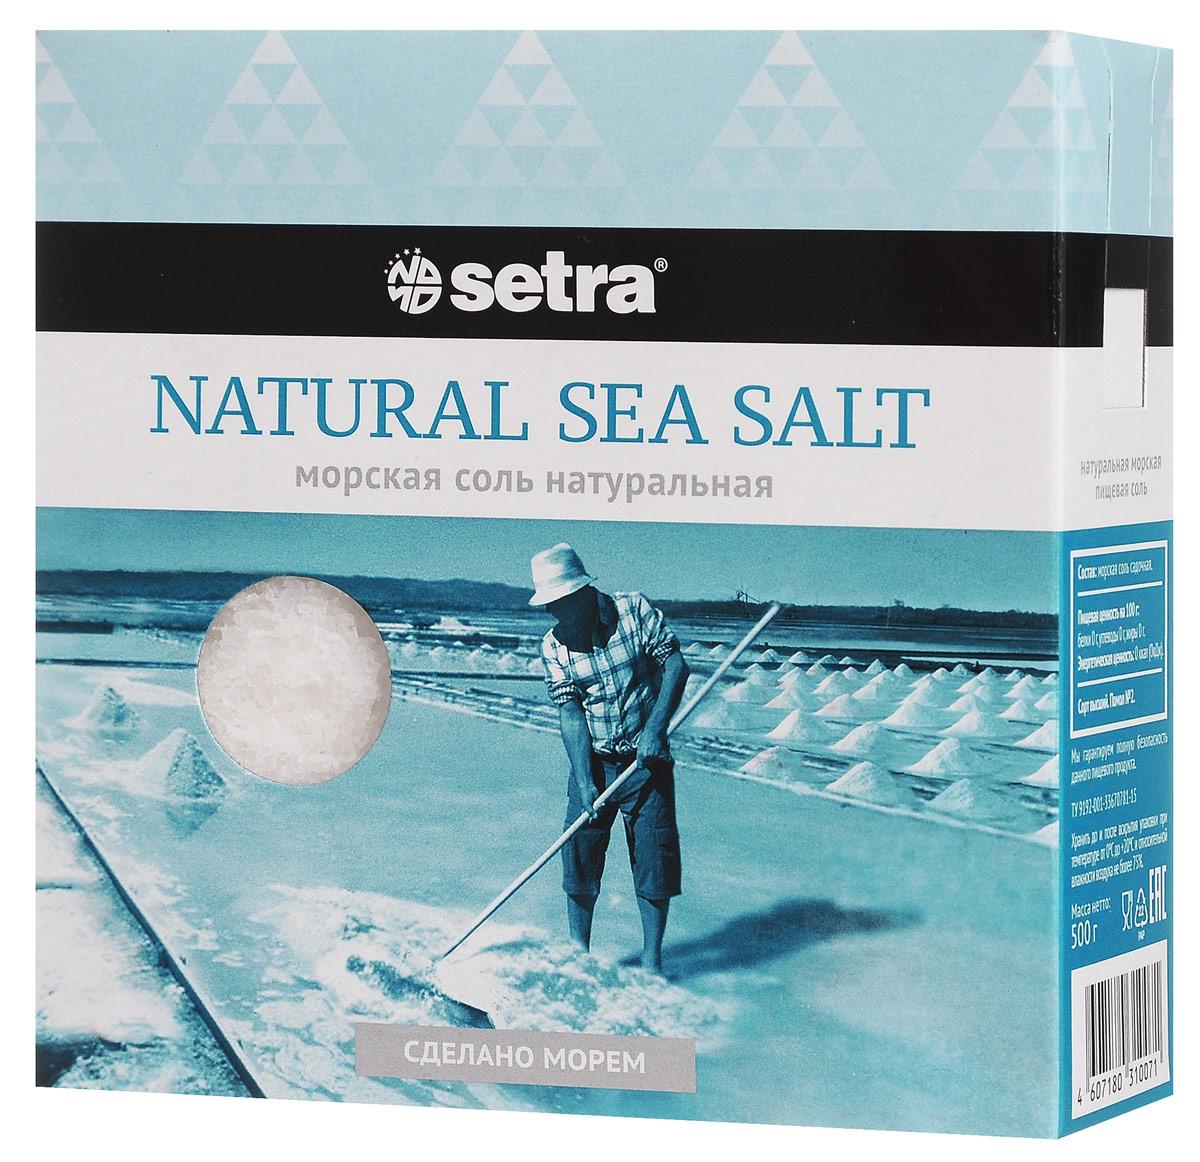 Setra соль морская натуральная без добавок, 500 г0120710Морскую соль Setra получают из вод Адриатического моря уже более 700 лет старым, естественным, экологически чистым способом: выпариванием морской воды на солнце. В отличие от каменной соли, морская соль содержит больше ионов магния, калия, йода, кальция, фтора, а также других морских минералов, что, помимо ощутимой пользы для организма, придаст вашим блюдам особый изысканный вкус.